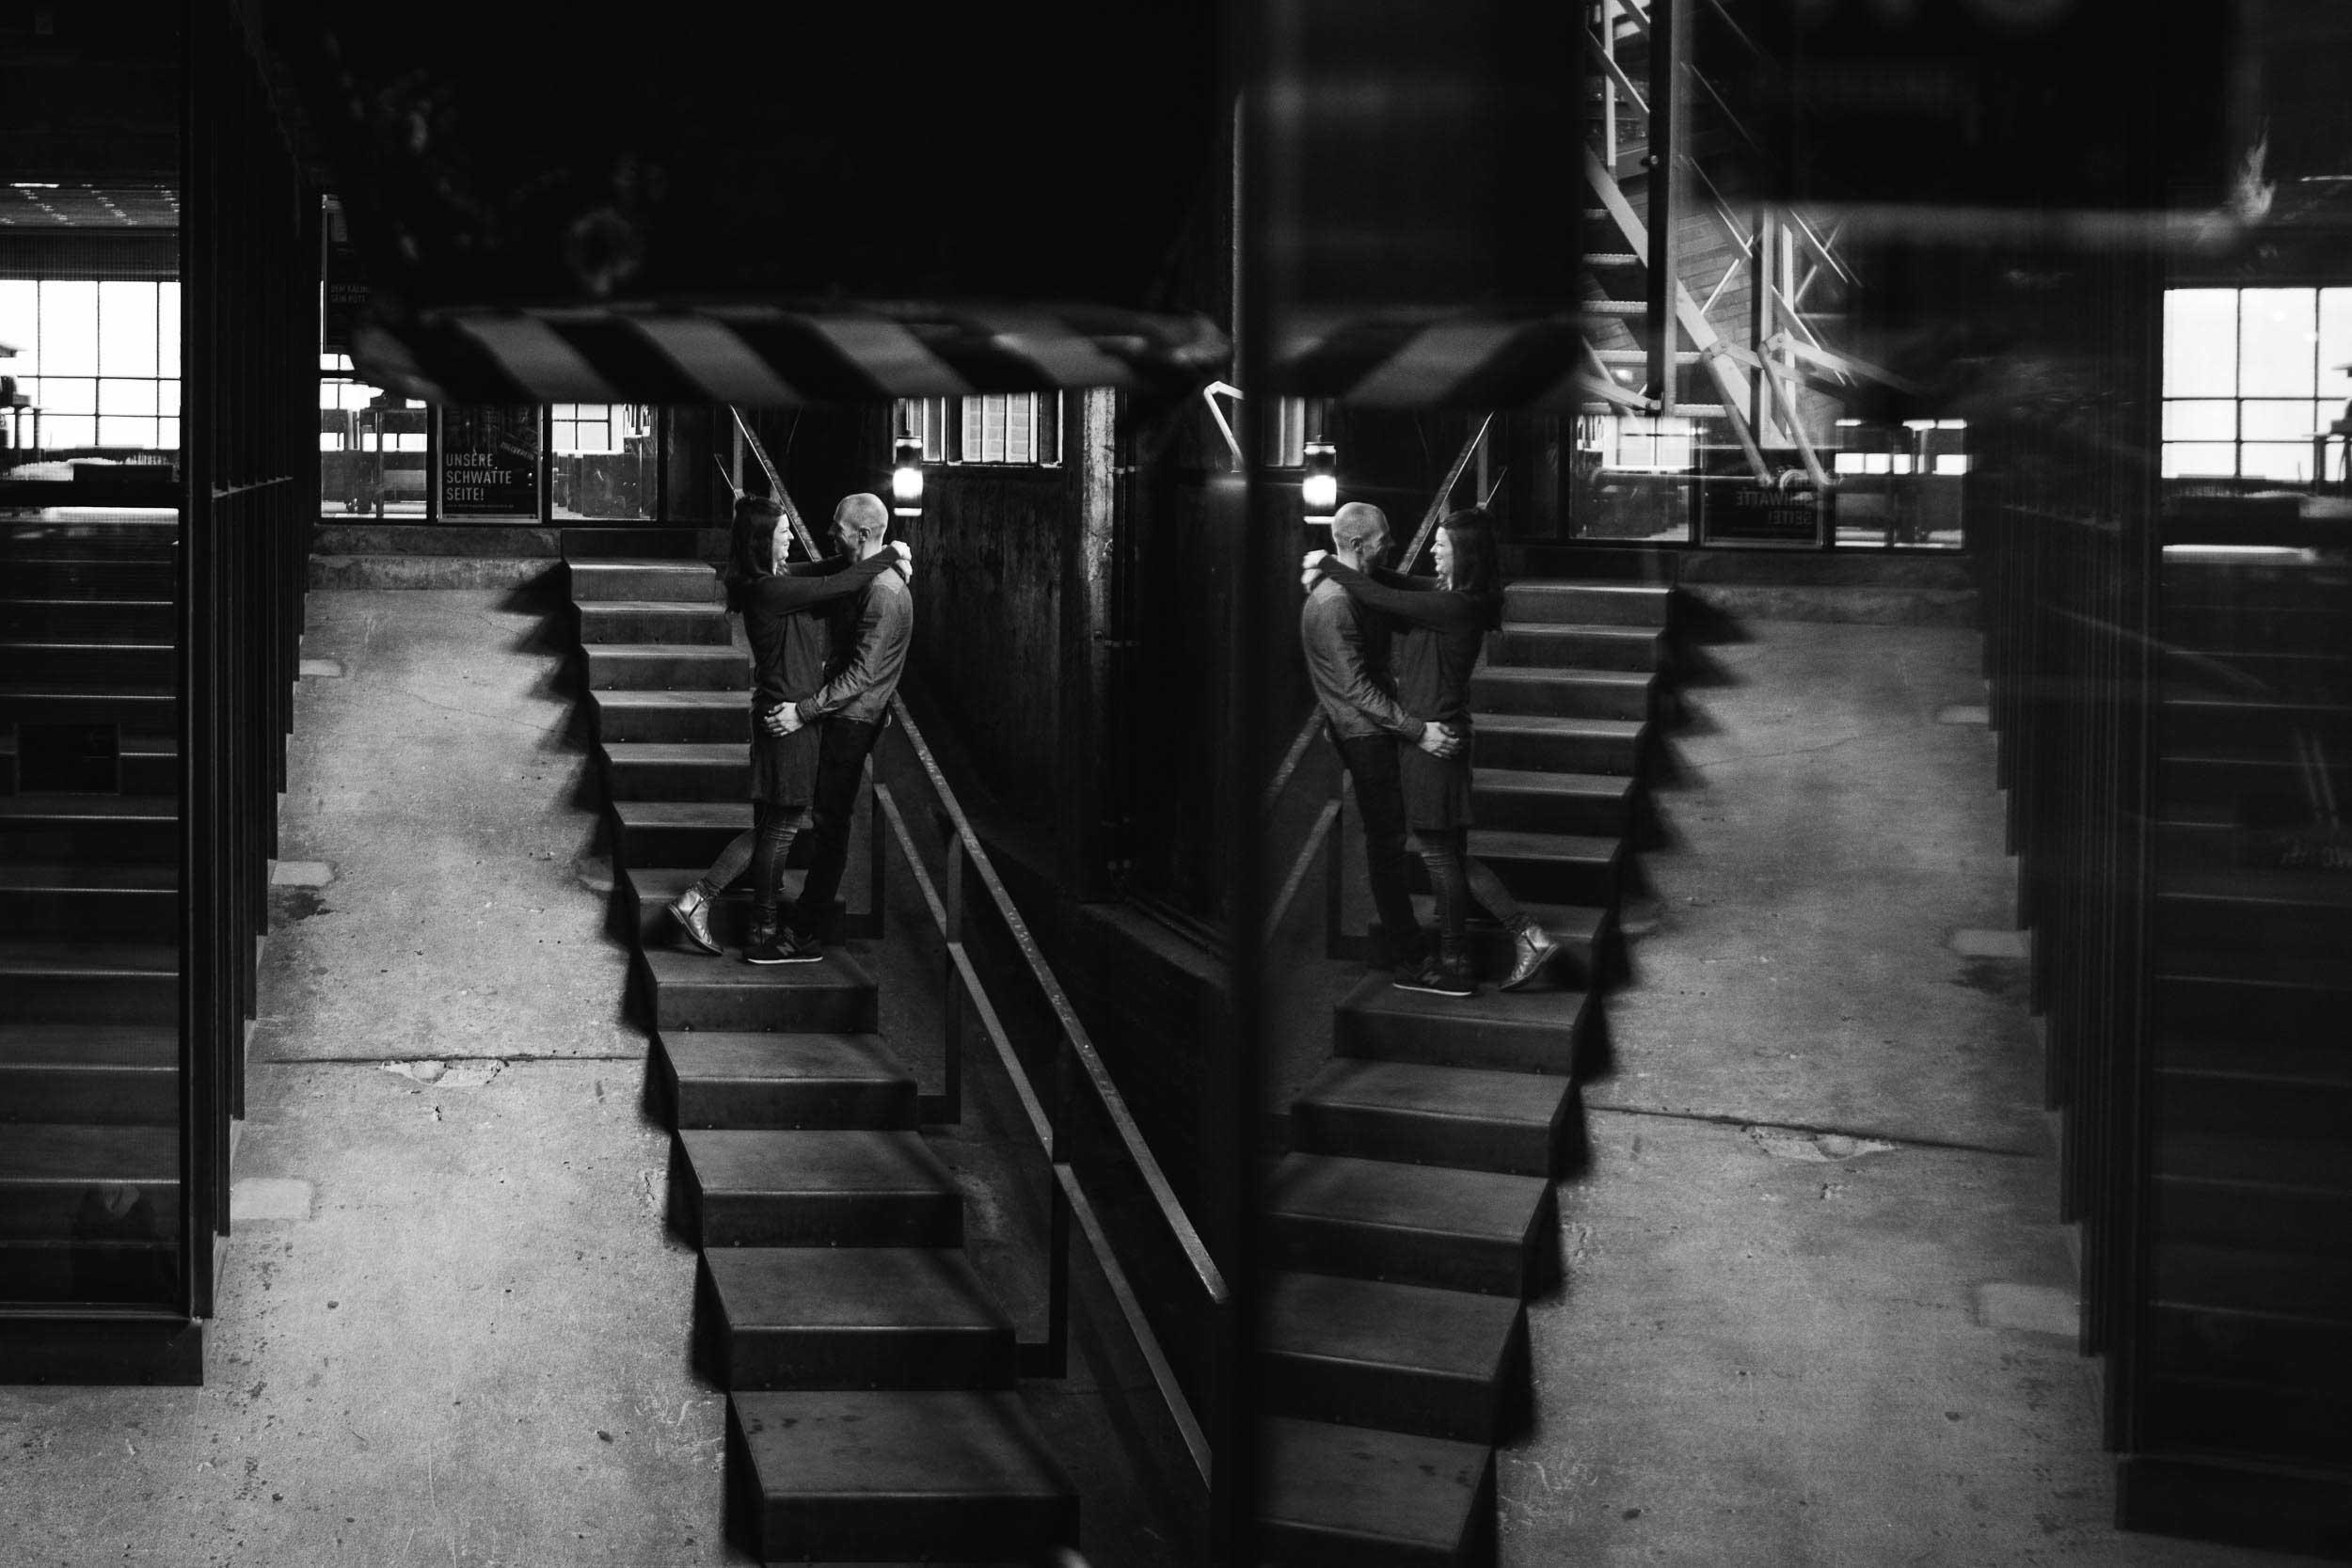 Hochzeitsfotograf-Essen-Paarbider-Zeche-Zollverein-6.jpg